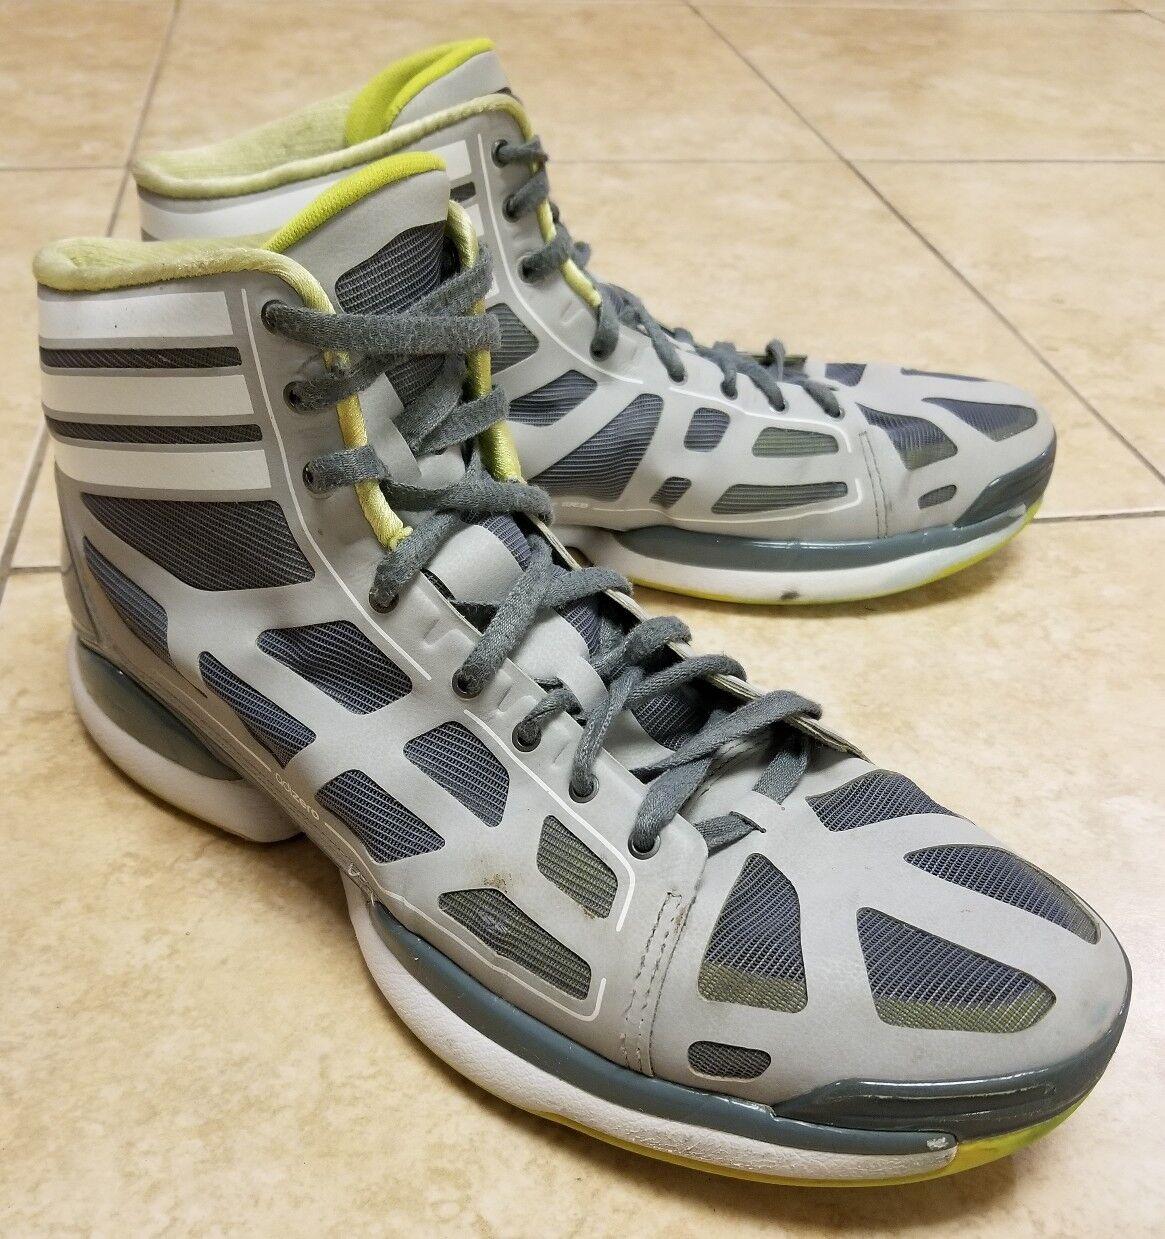 Adidas g22393 derrick rosa adizero forte grigio verde lime    scarpe da basket sz  13 | Ben Noto Per Le Sue Belle Qualità  984d5a